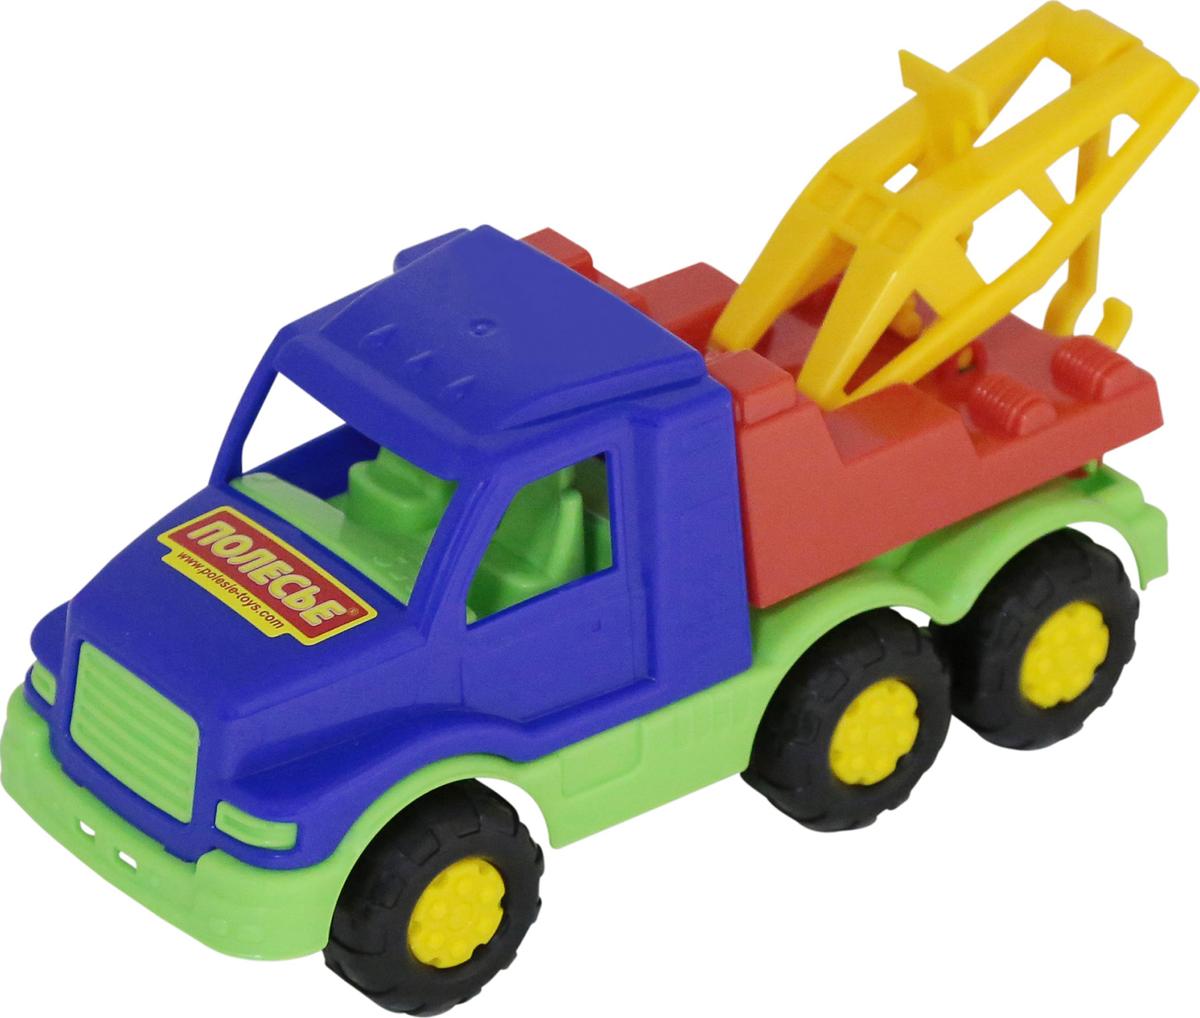 Полесье Эвакуатор Максик игрушечные машинки на пульте управления по грязи купить